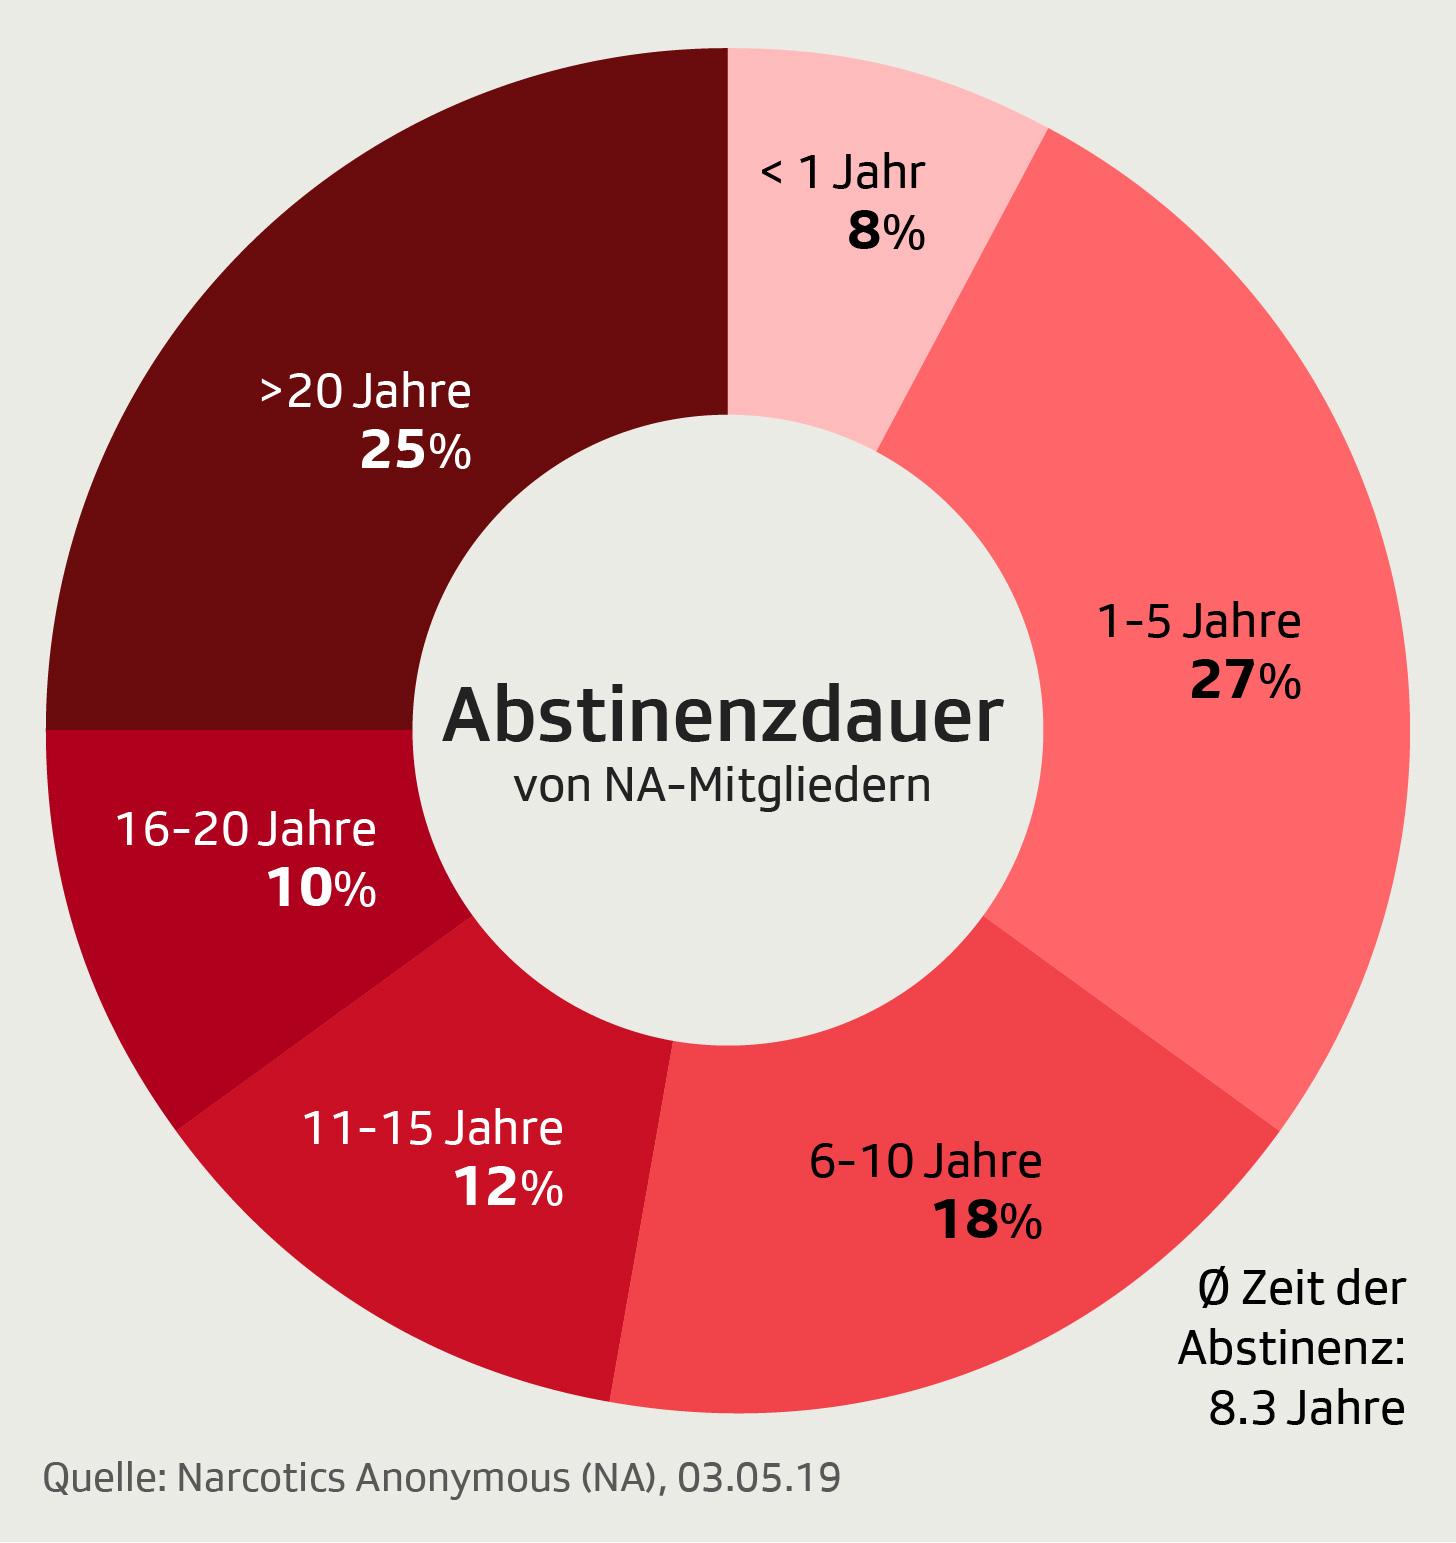 Grafik zeigt Abstinenzdauer der Mitglieder von Narcotics Anonymous